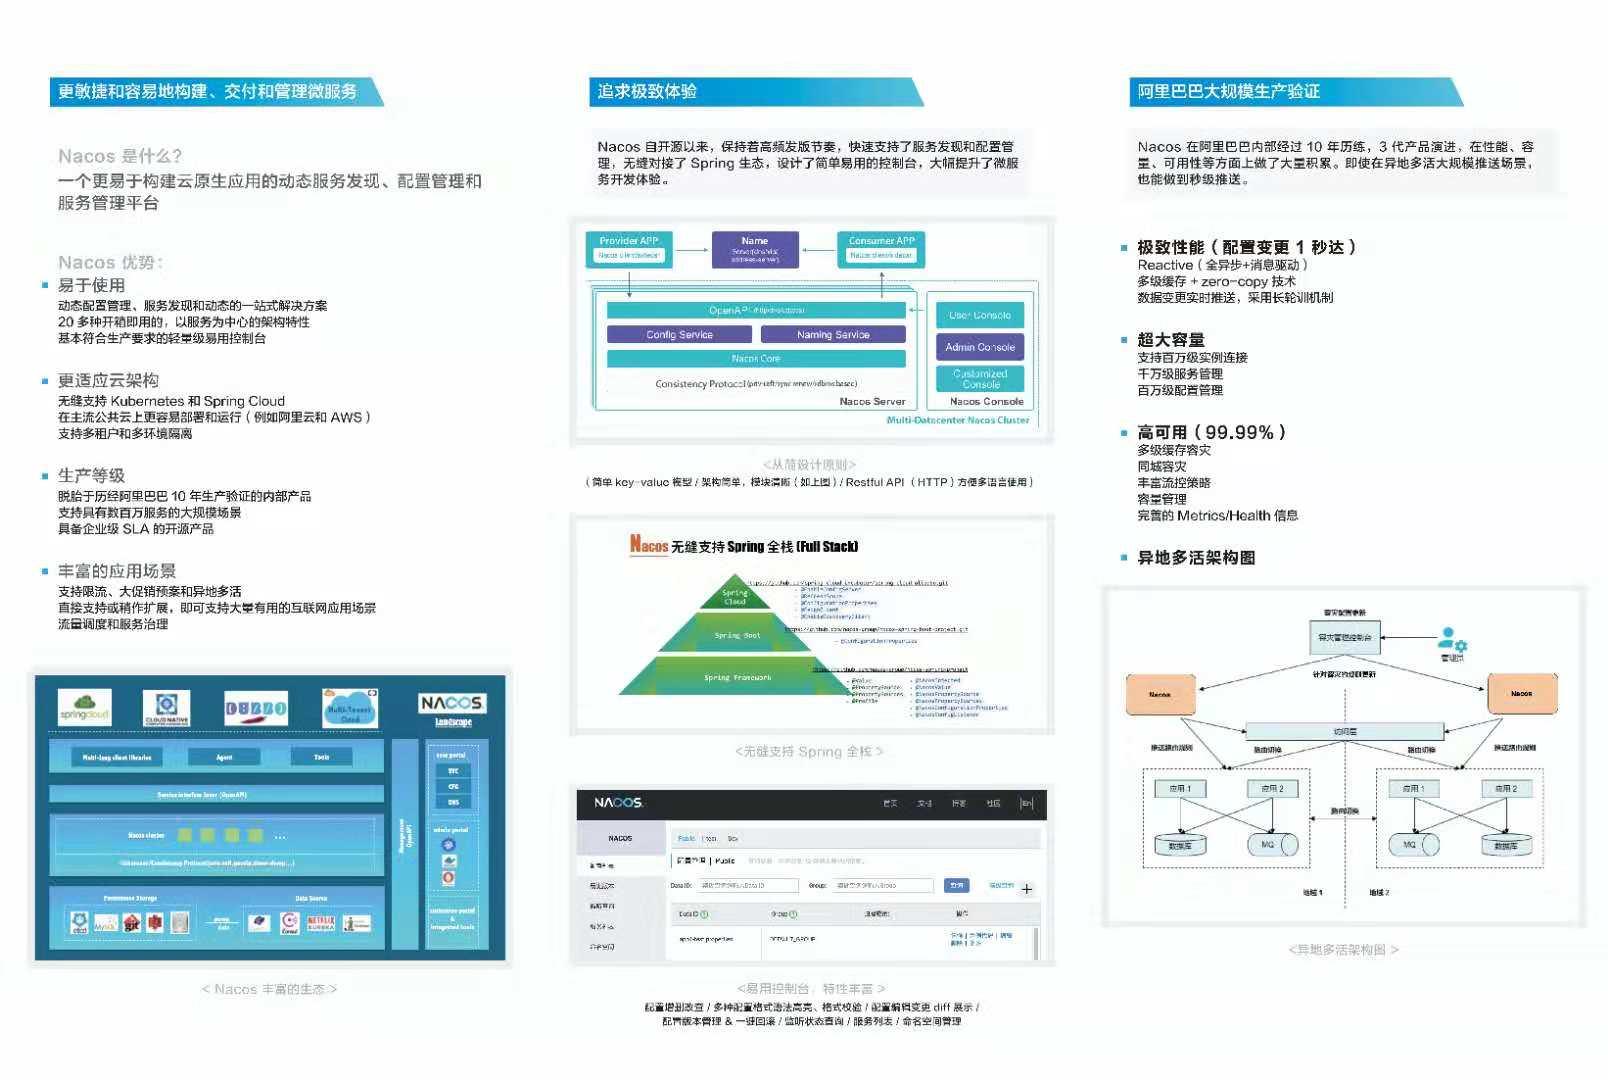 剧透,Nacos release 0.3.0 将在本周五开源中国年上正式发布